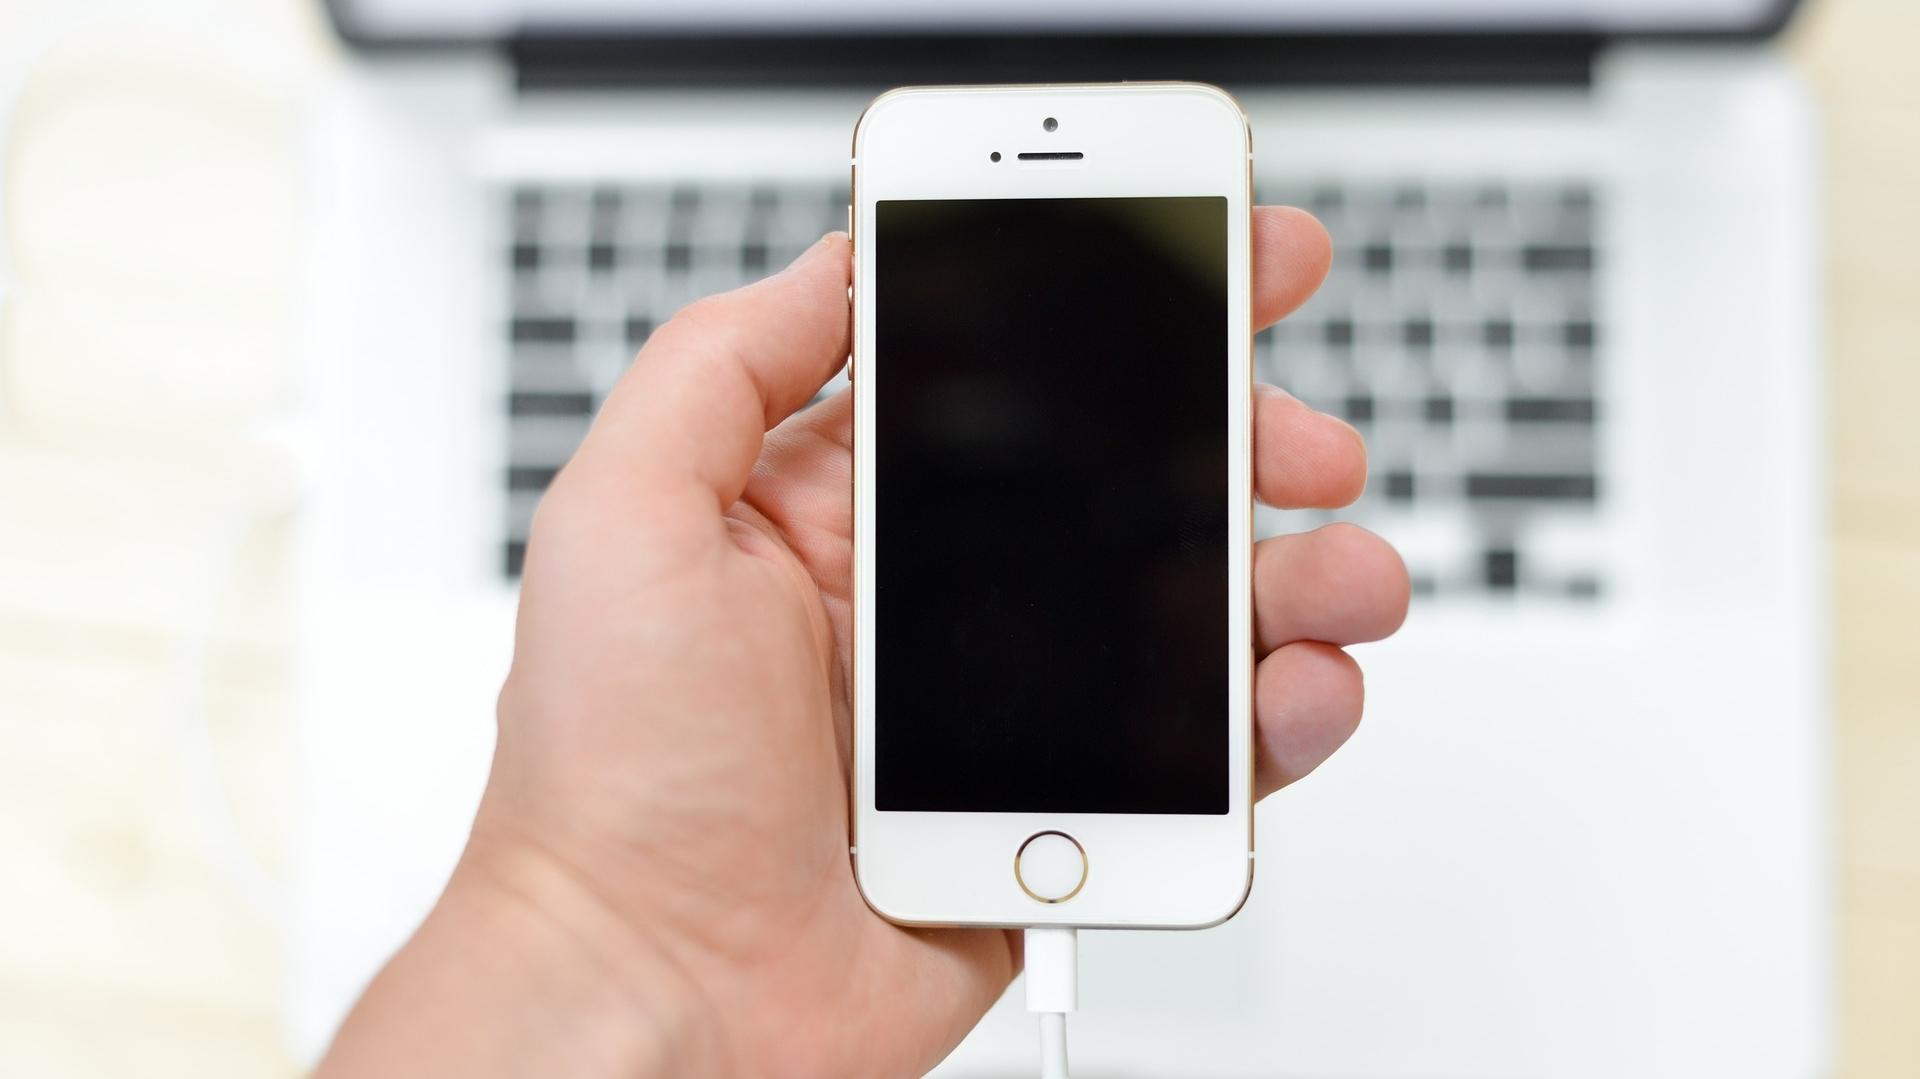 Pc Erkennt Iphone Nicht Das Hilft